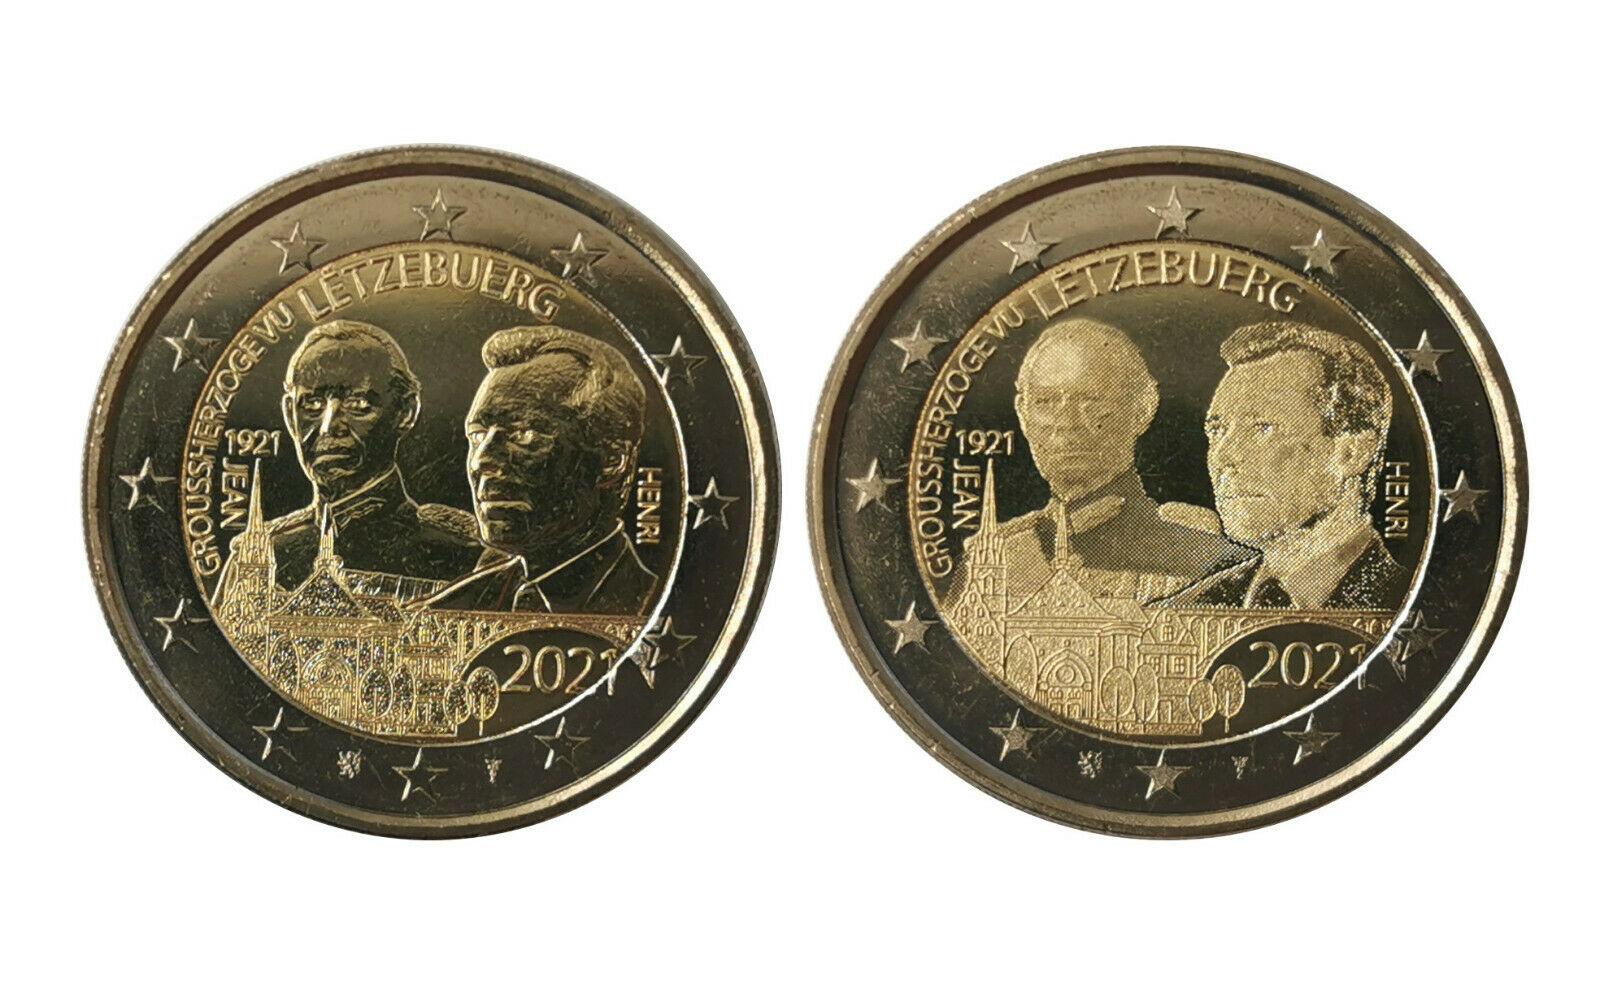 Люксембург 2 евро 2021 100 лет со дня рождения Великого Герцога Жана (фото + рельеф)